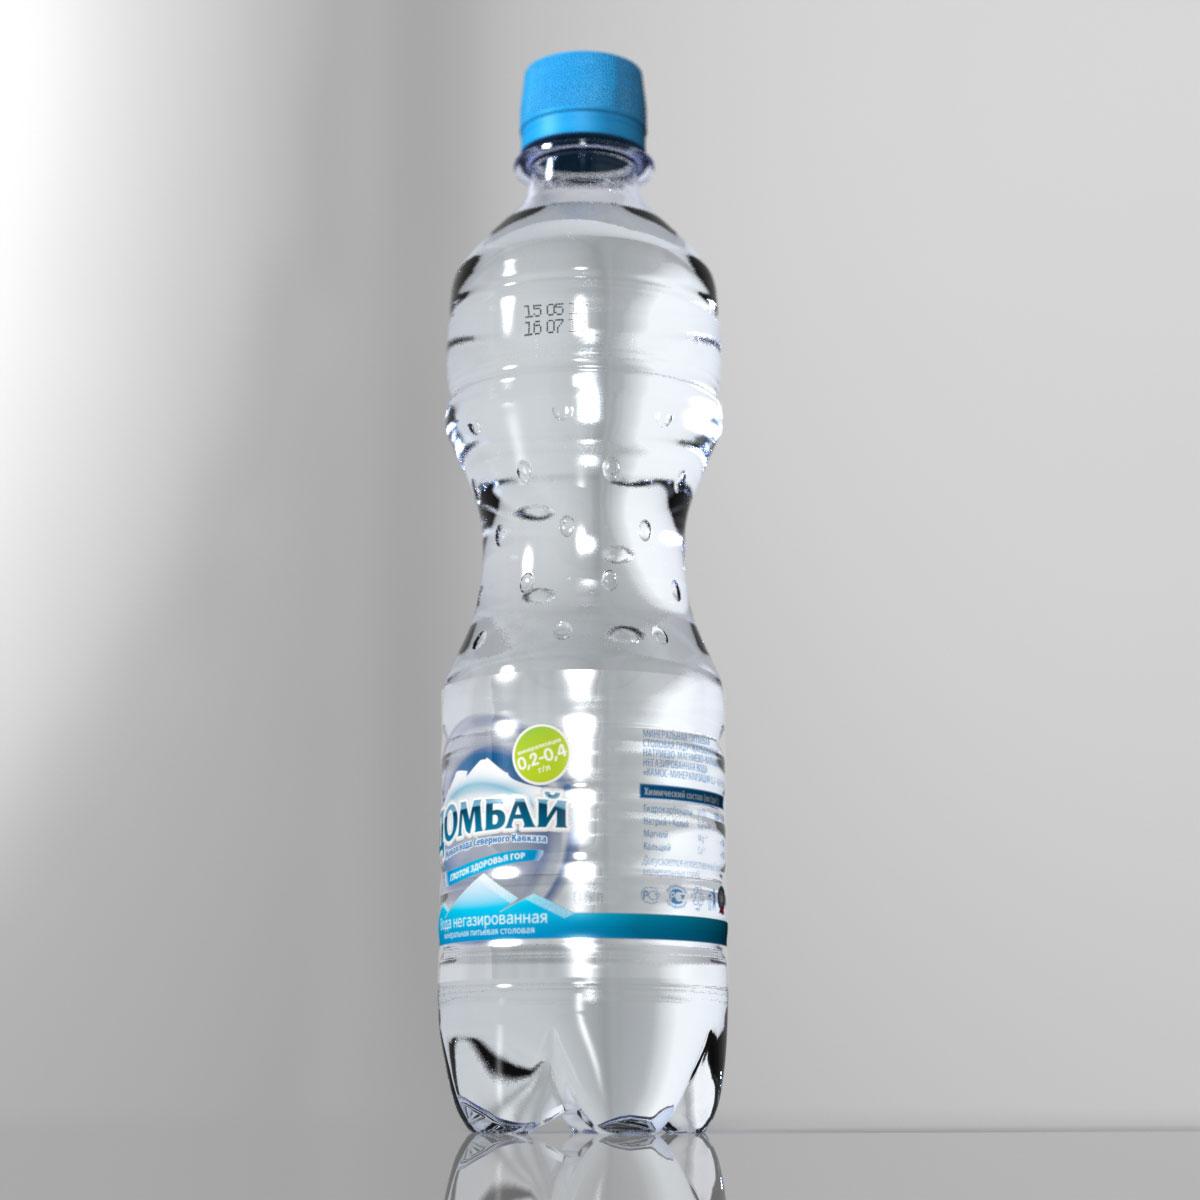 Тюбаж печени минеральной водой в домашних условиях - Evehealth 49